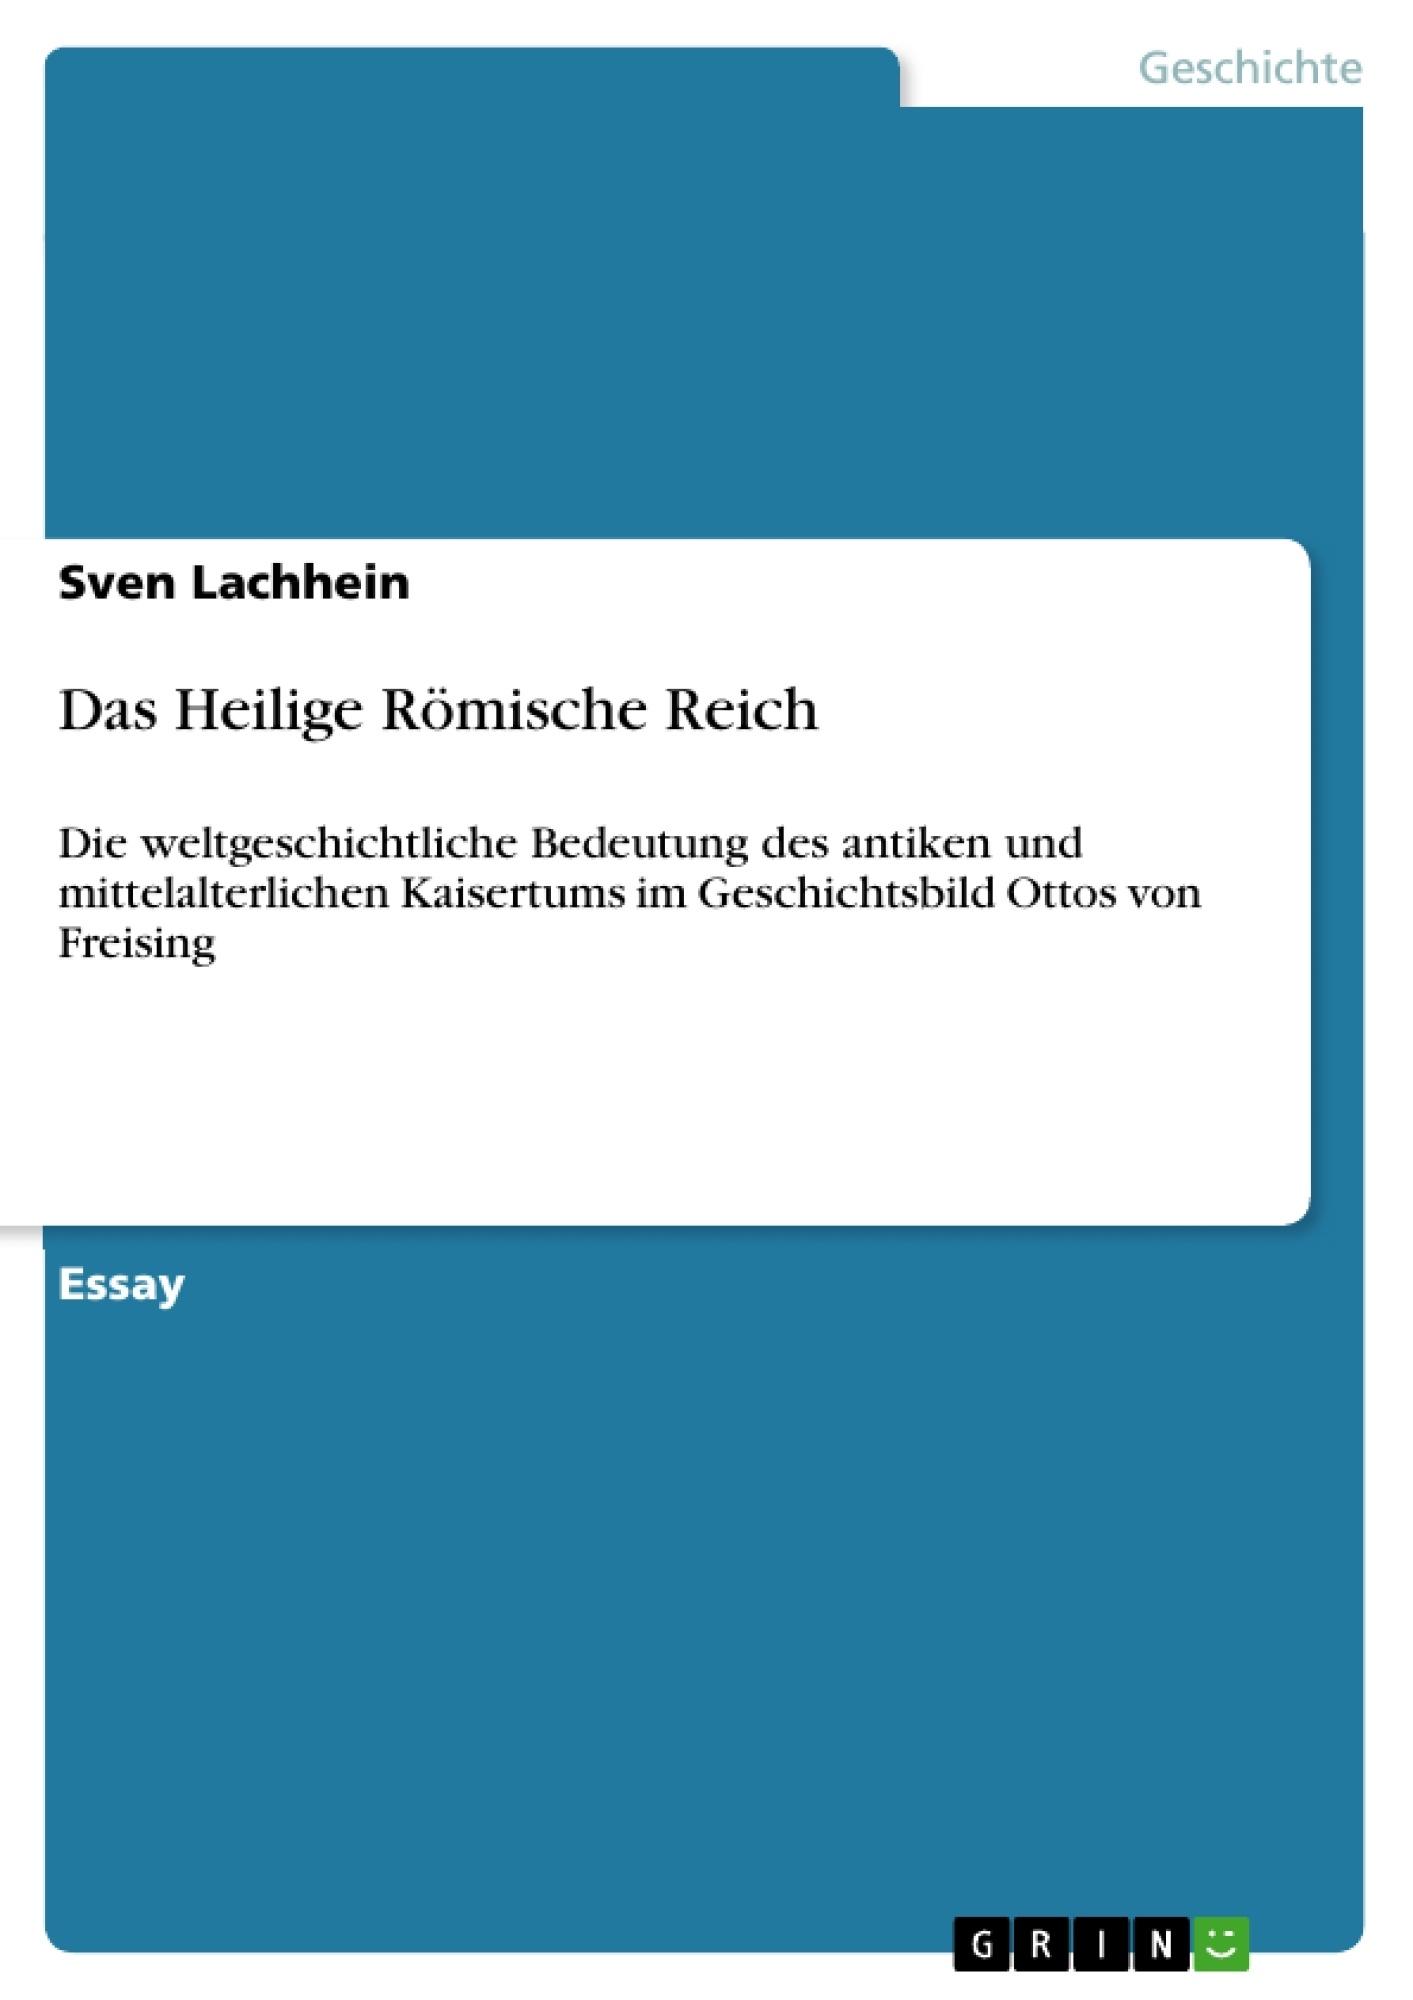 Titel: Das Heilige Römische Reich